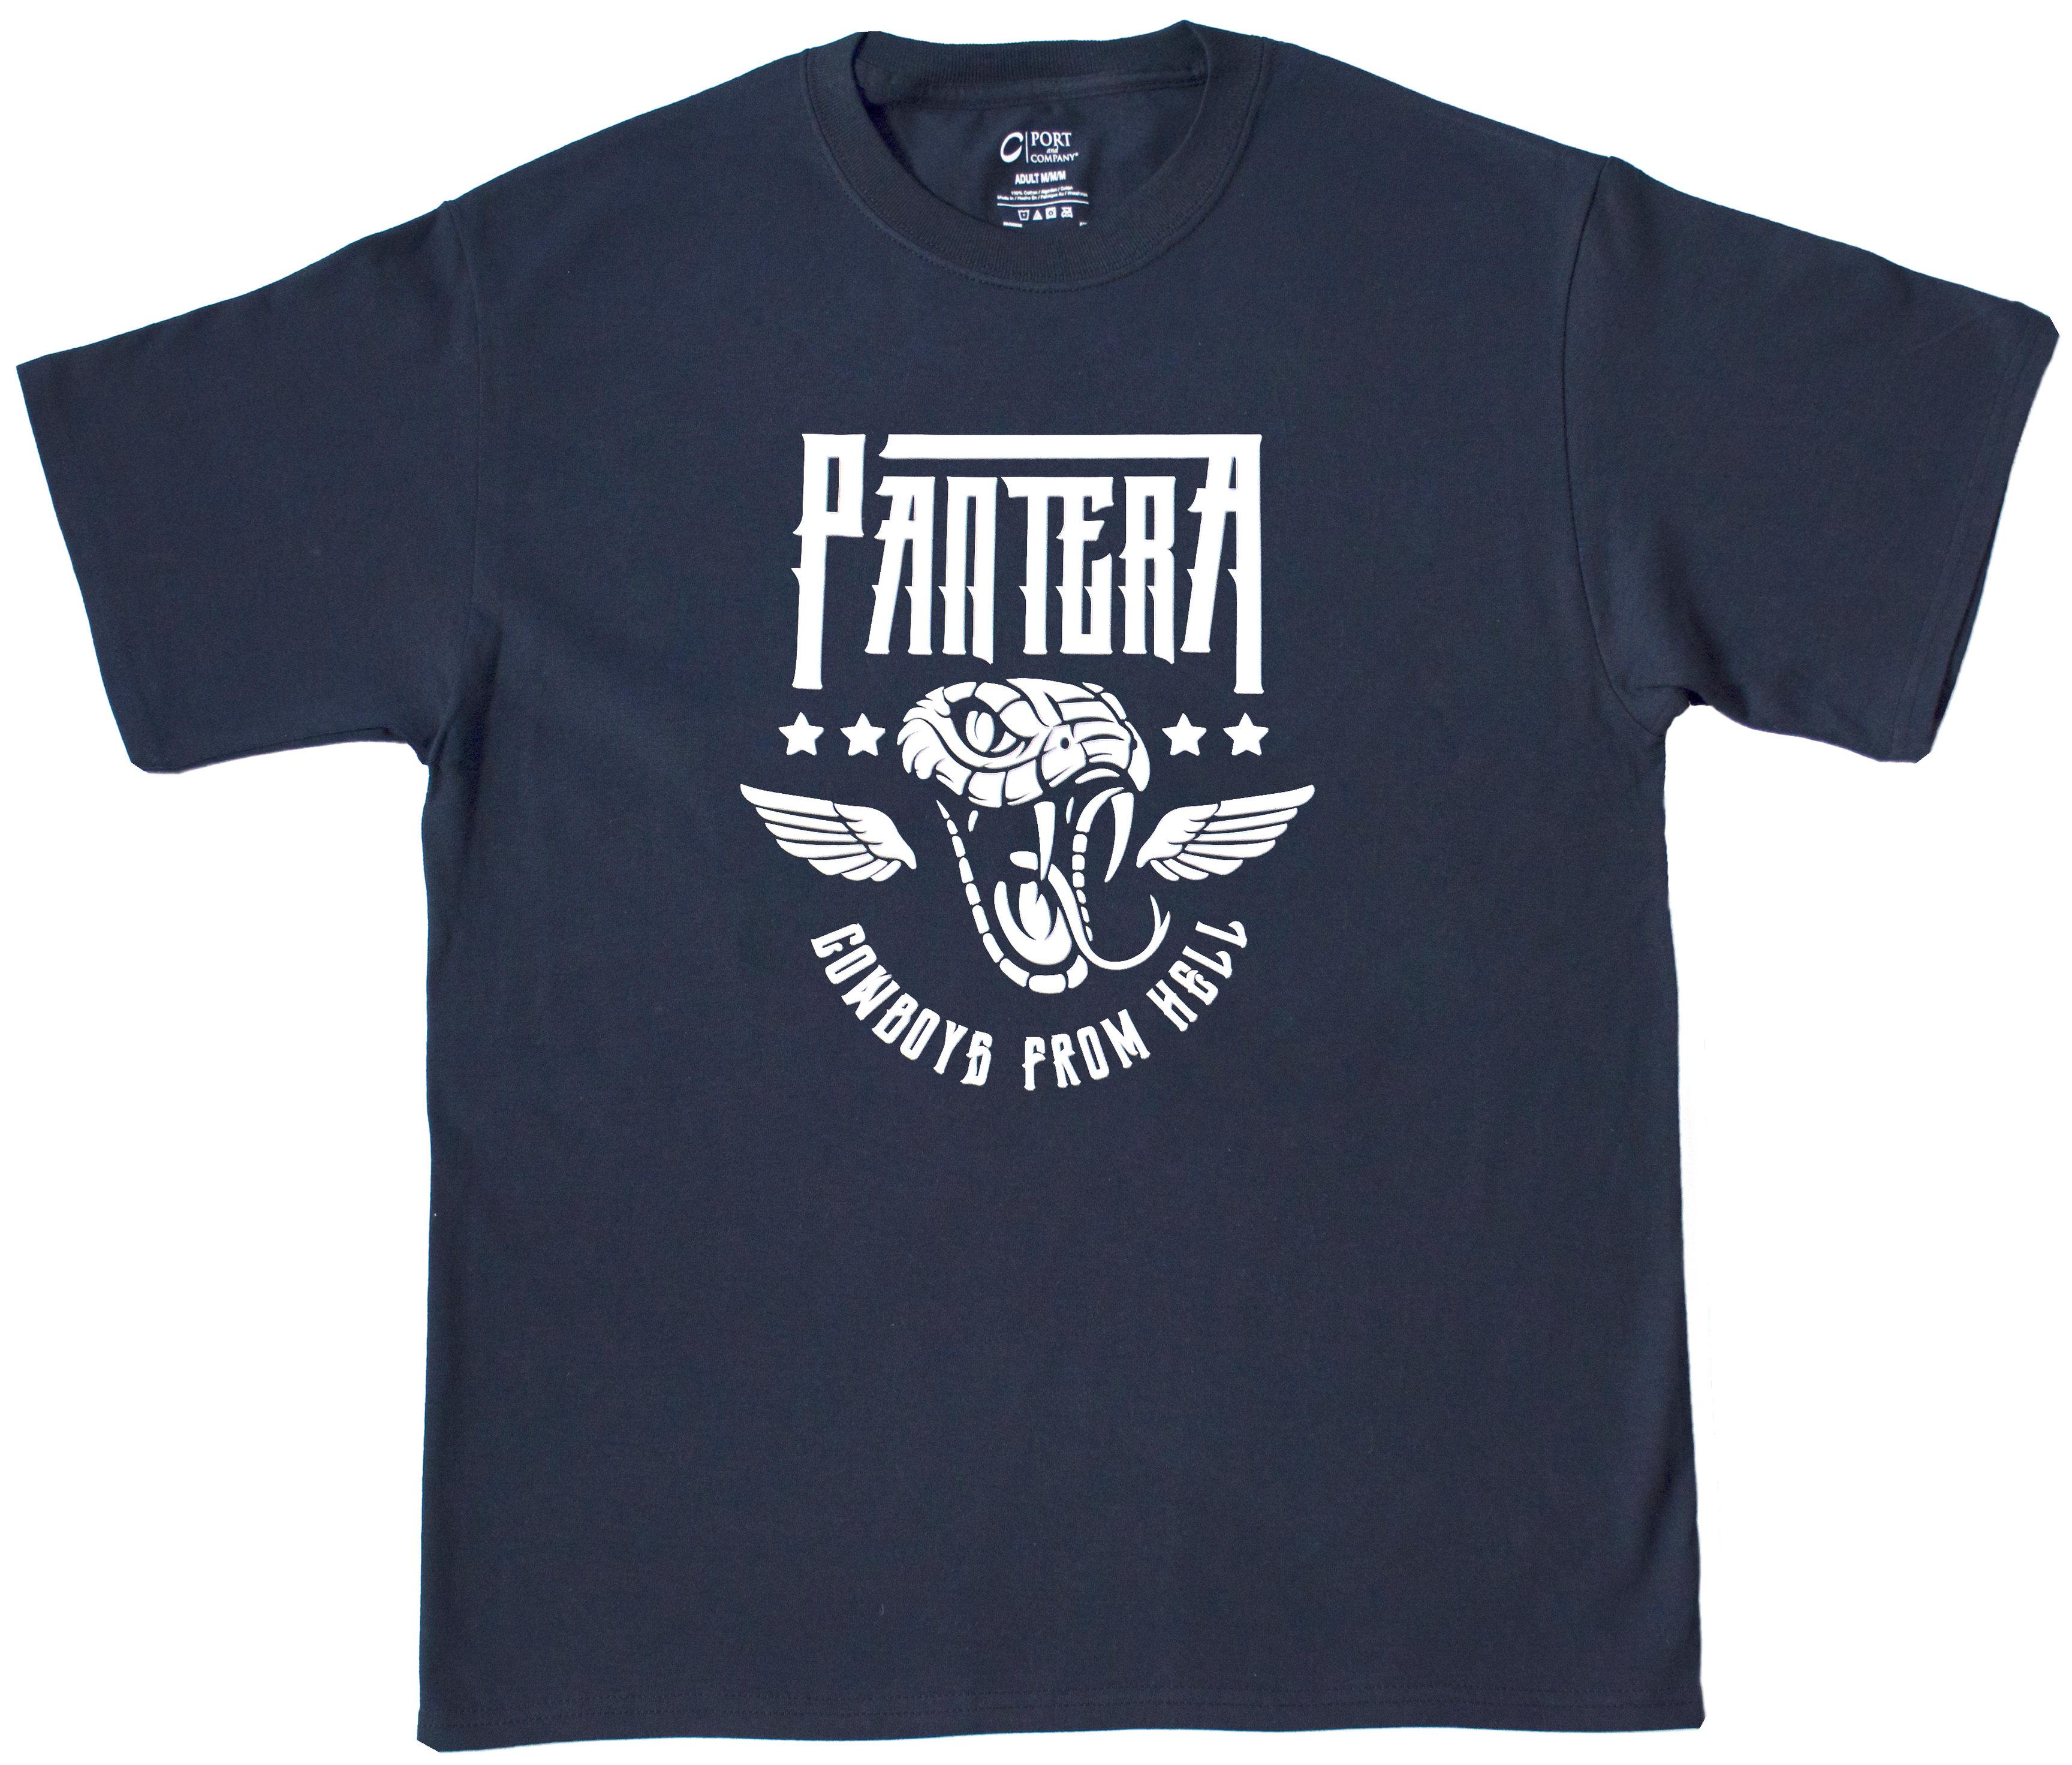 Pantera snake t shirt top notch custom apparel online for Best online custom shirts